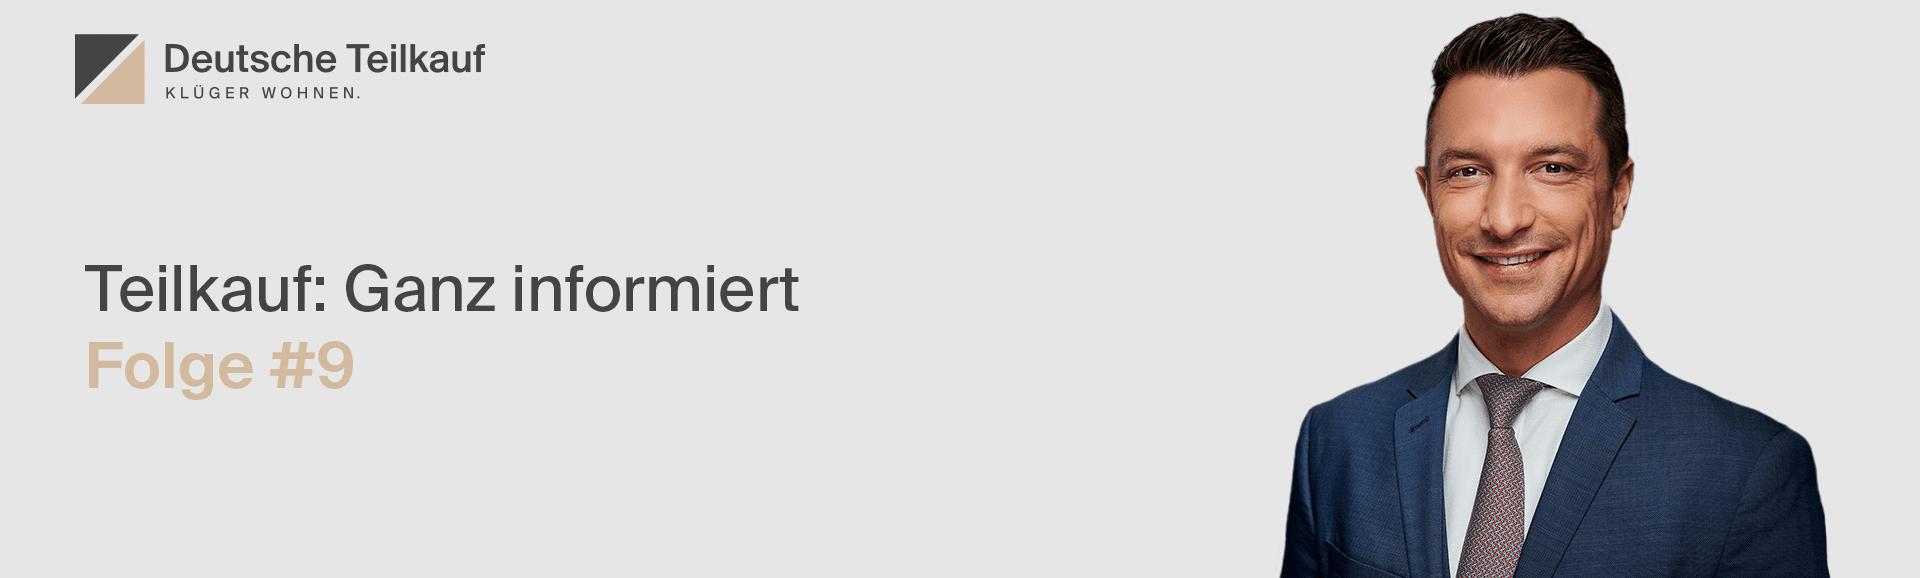 Teilkauf ganz informiert: Folge #8 - Marian Kirchhoff erklärt das Rückkaufrecht